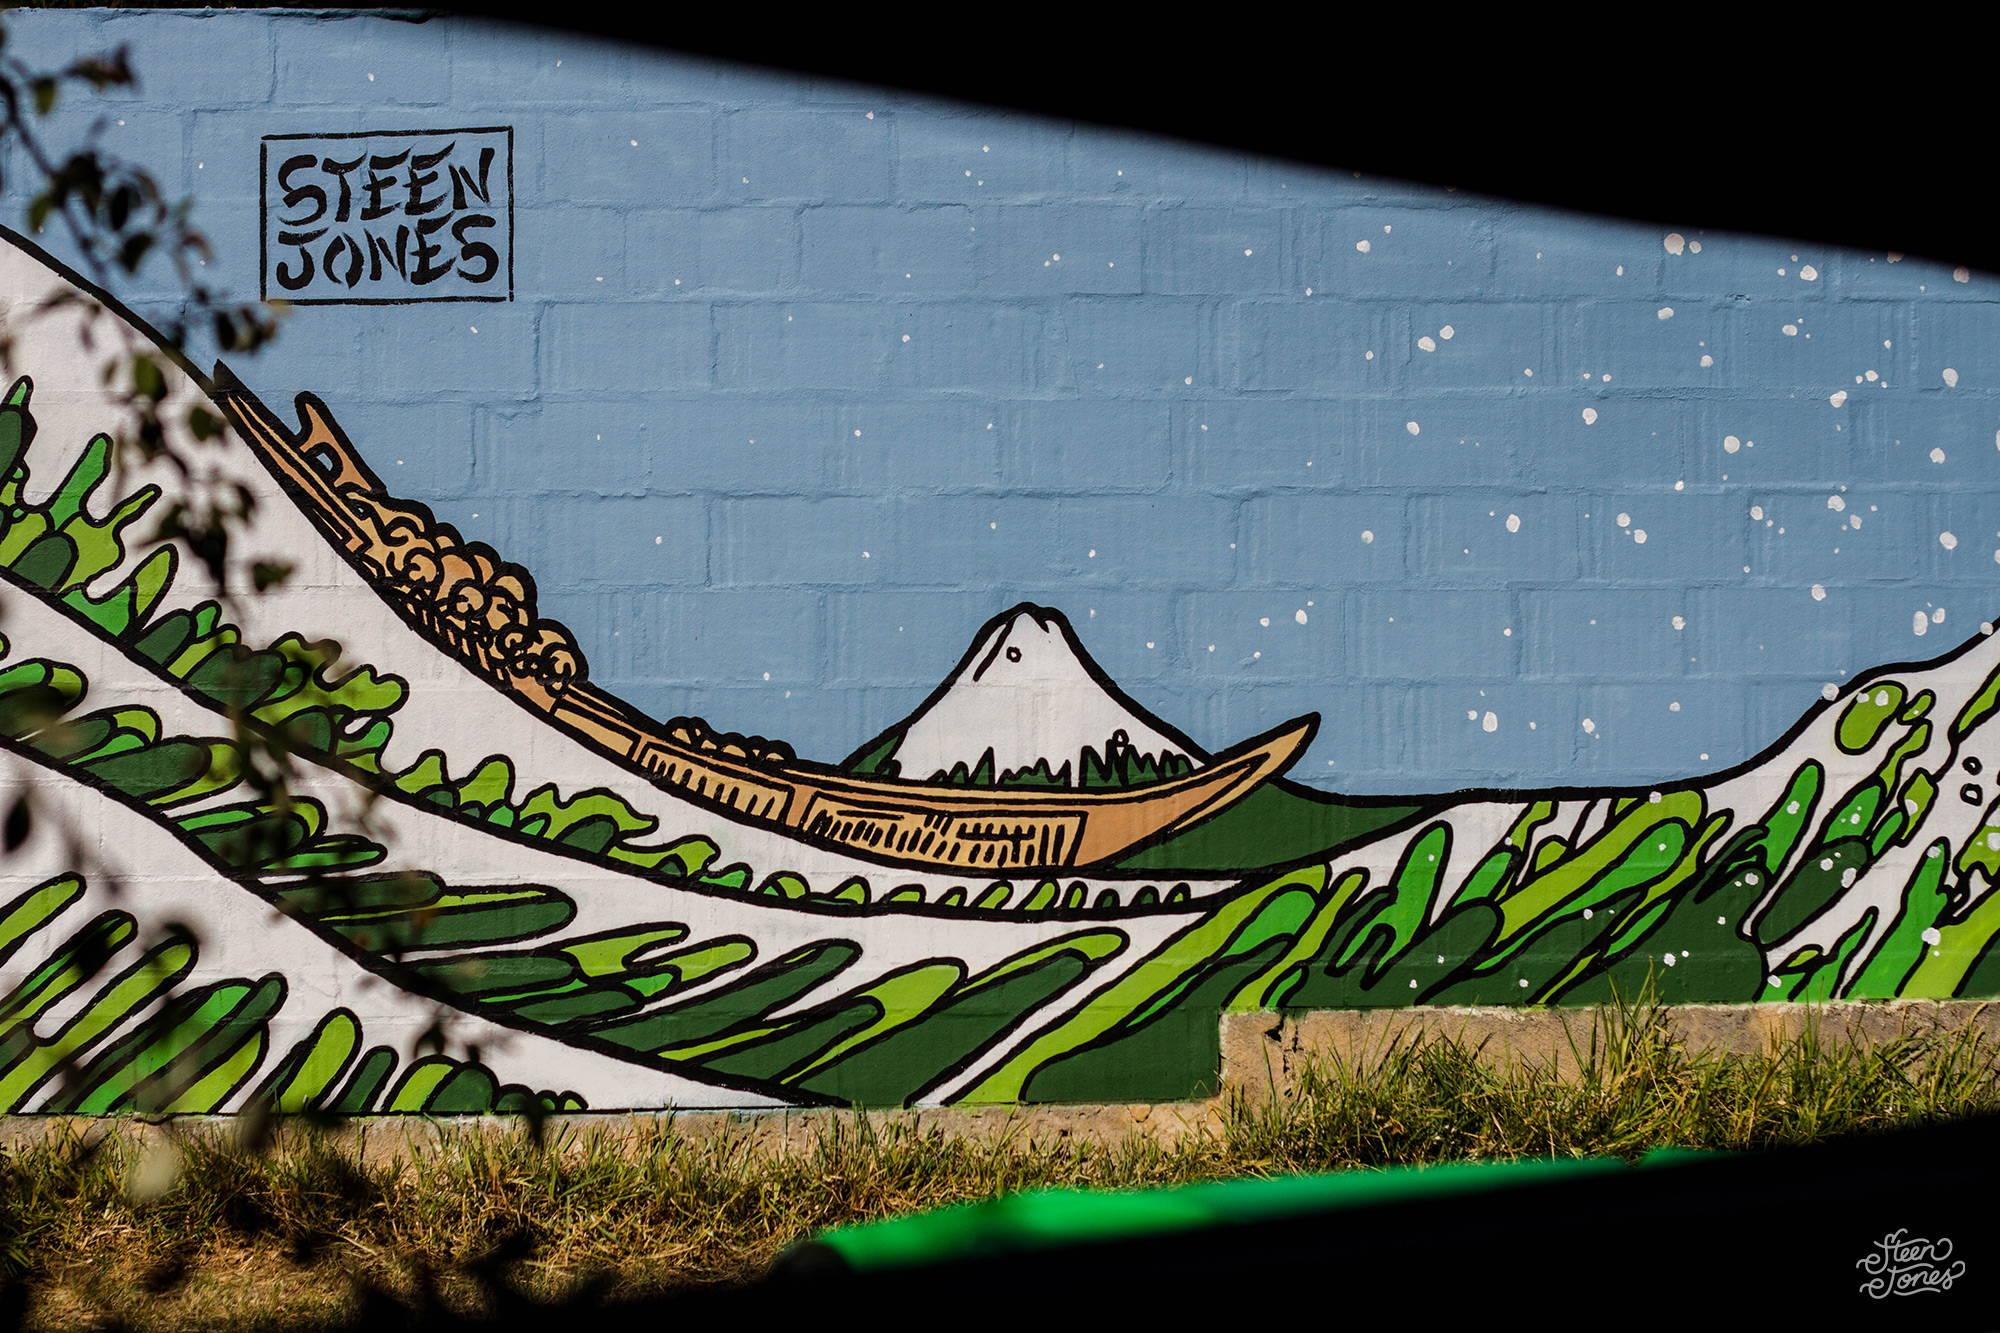 Steen Jones tattoo street artist Australia The Great Wave Perth